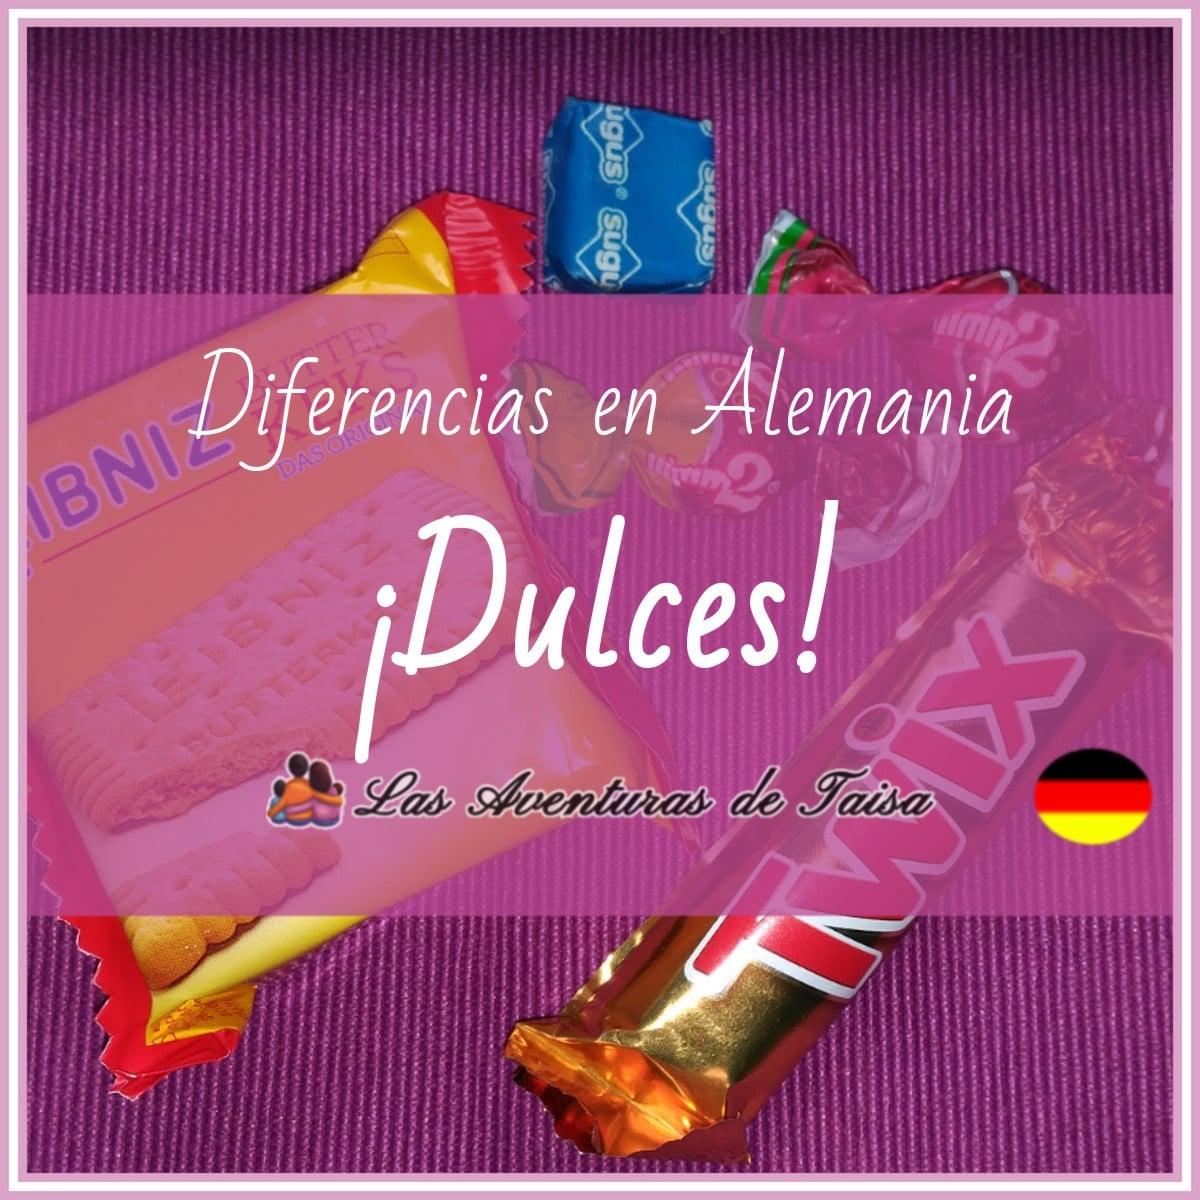 Los Dulces en Alemania - ¡No aceptes nada de los extraños! (Diferencia Nº 3)